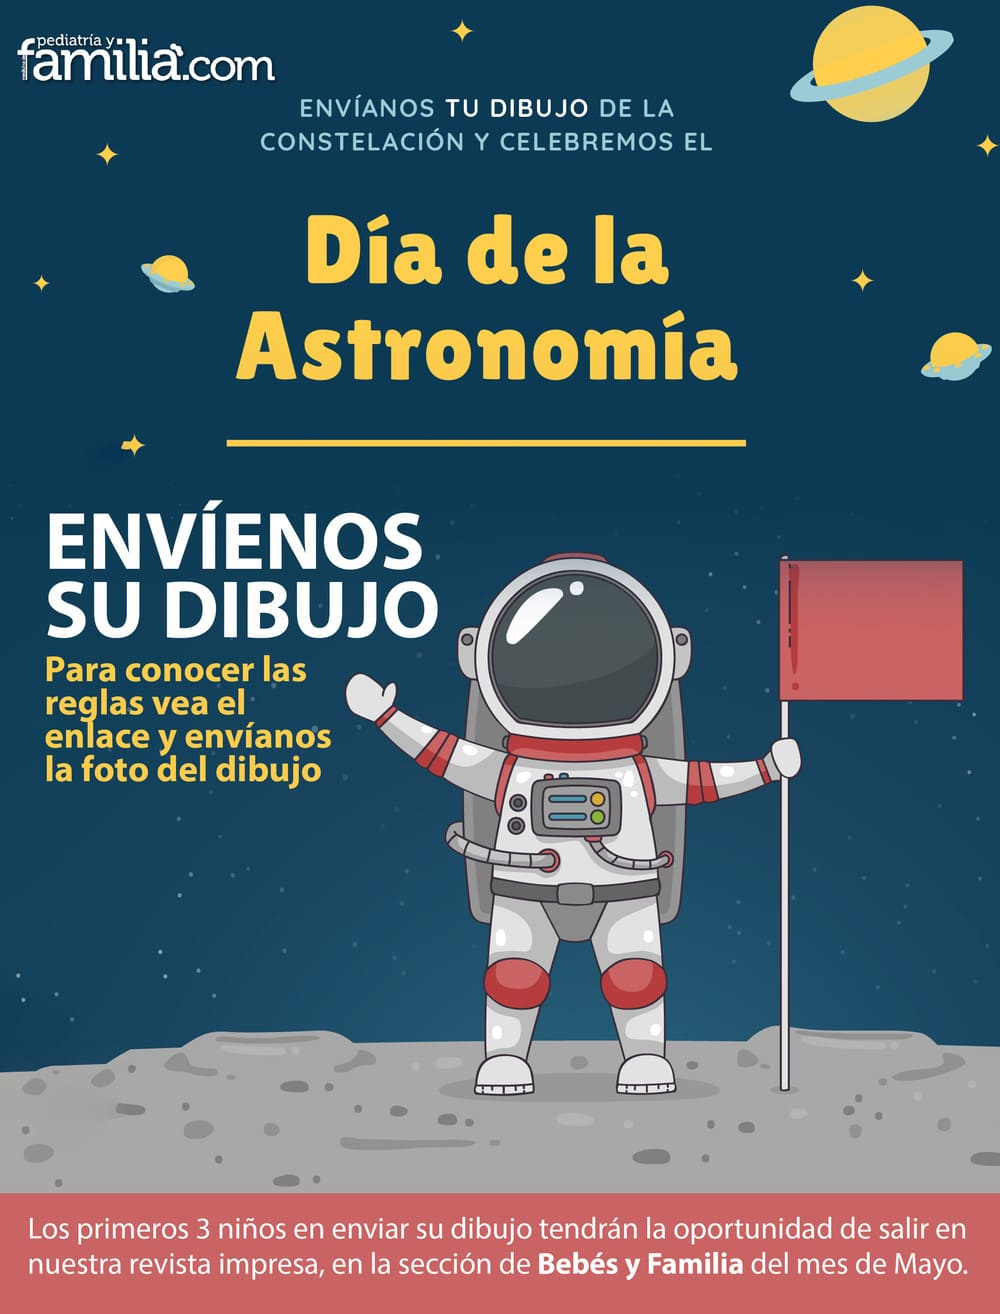 Concurso del día de la Astronomía, organizado por la revista pediatría y familia